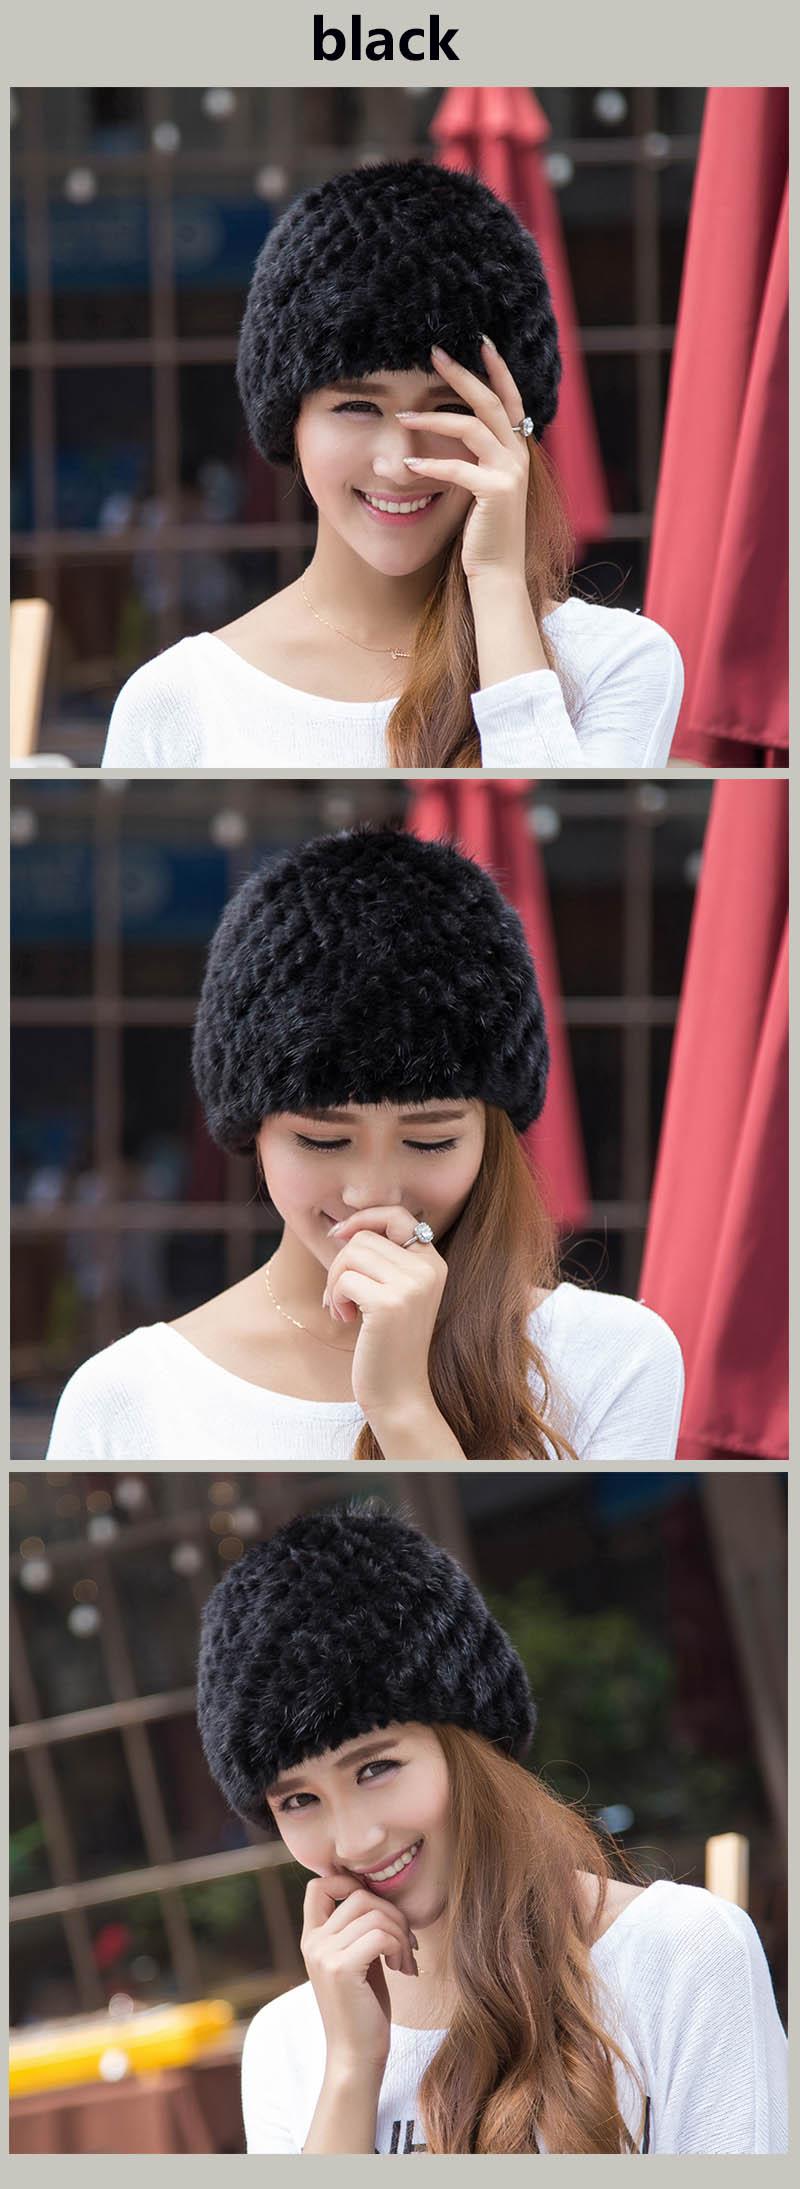 mink hat black colors